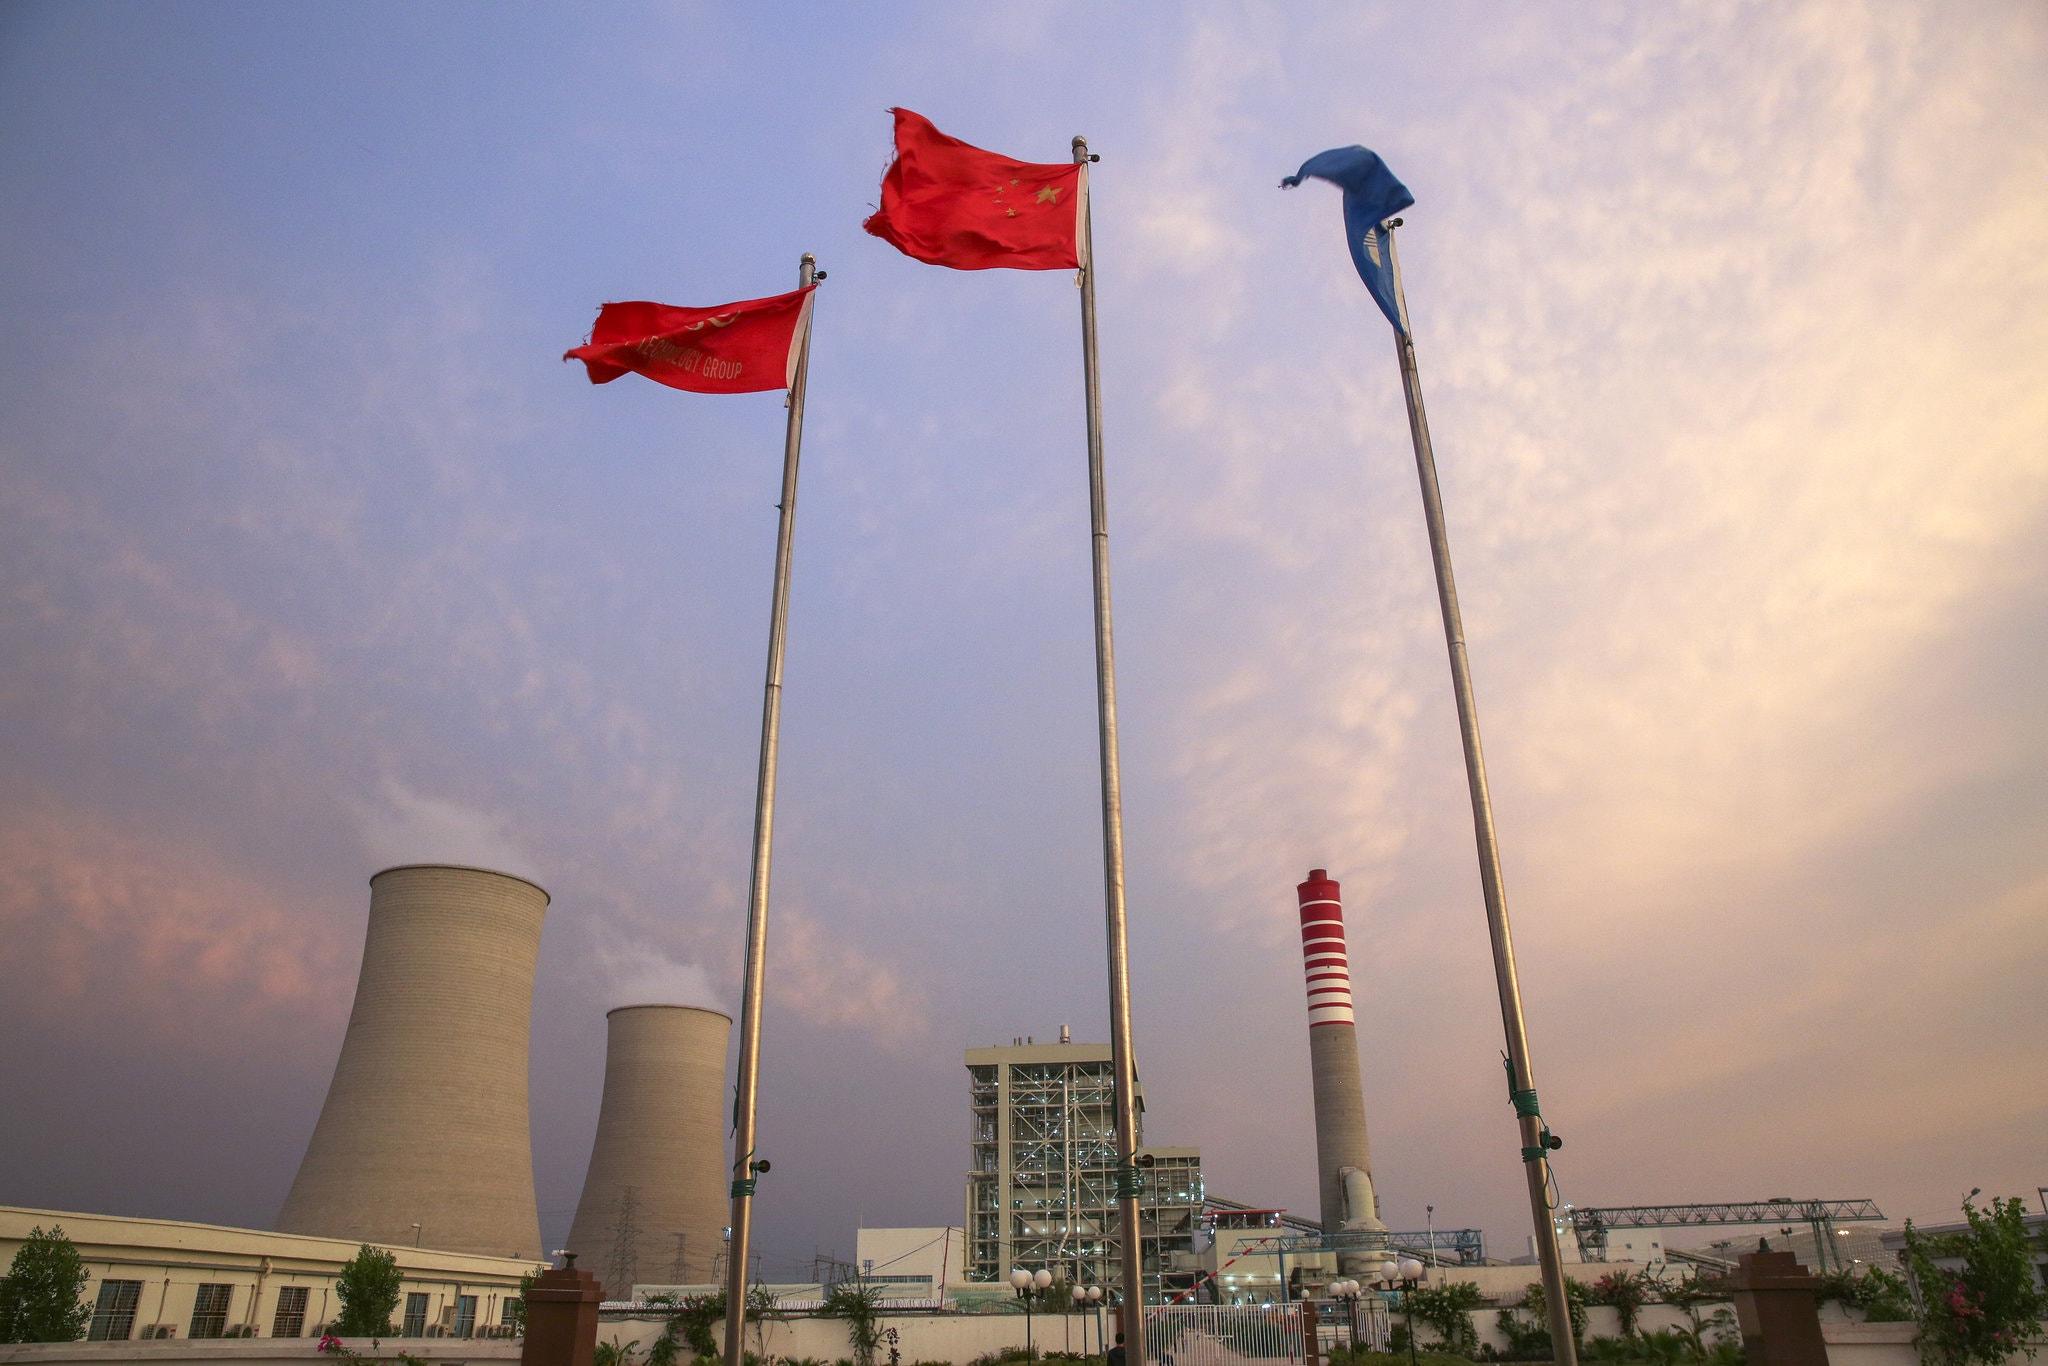 中巴经济走廊萨希瓦尔燃煤电站投产发电